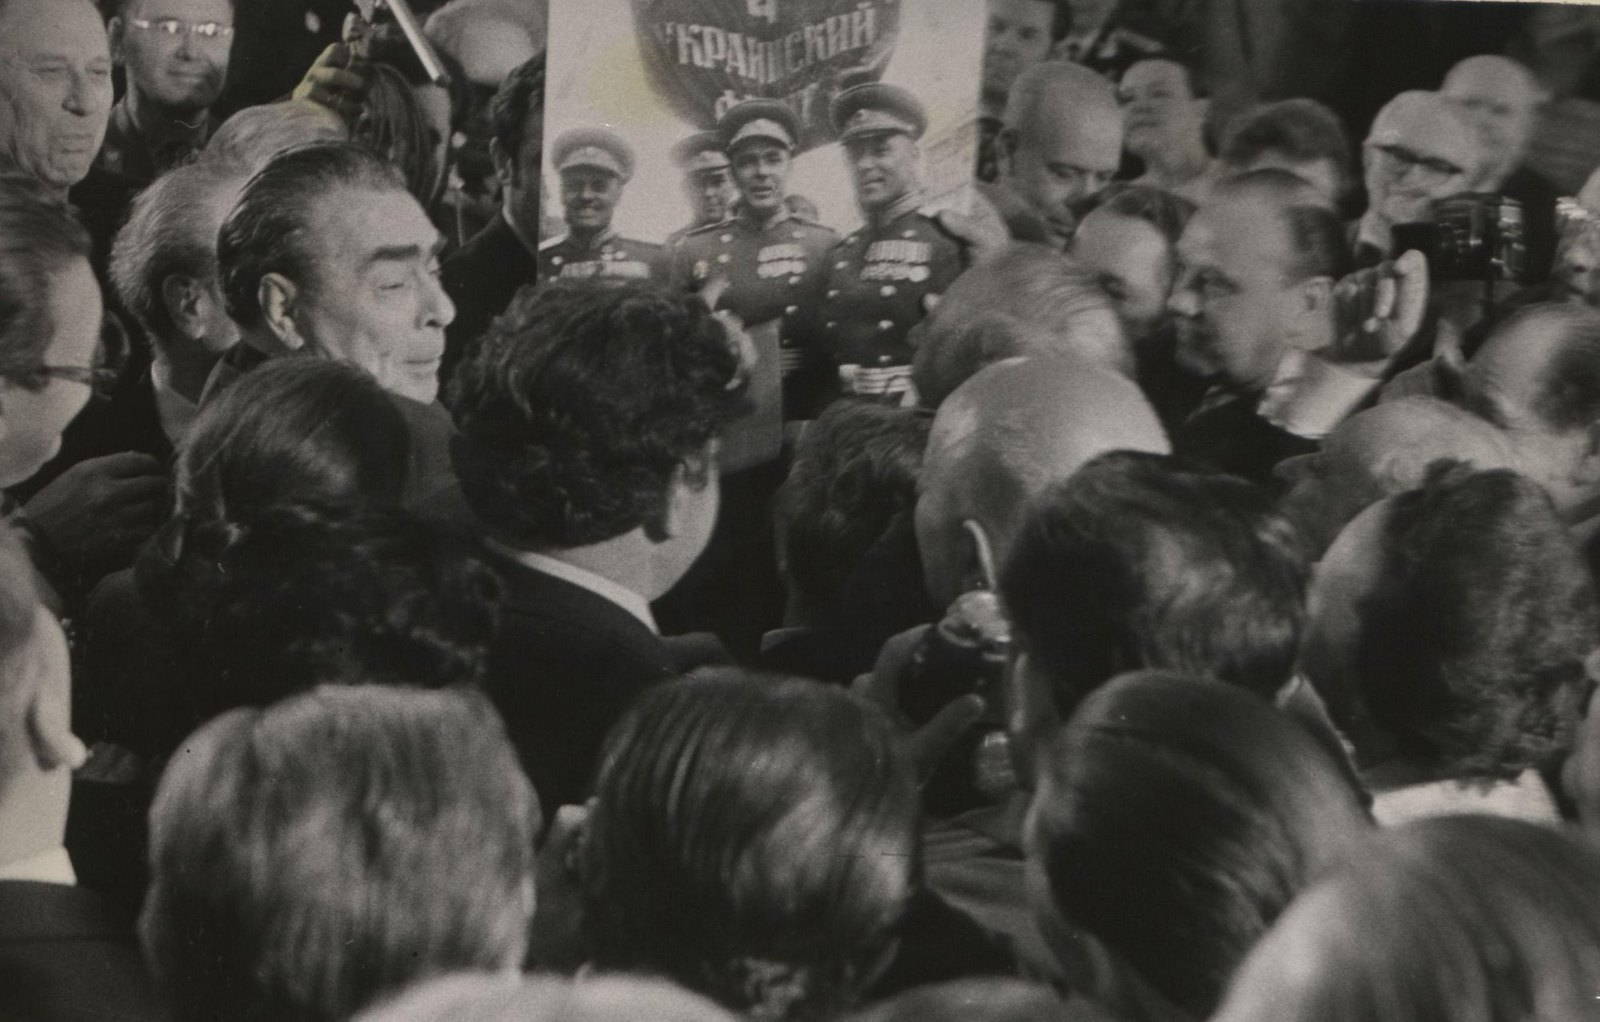 06. Л.И. Брежнев в группе с фотографией Я. Халипа, изображающей группу командиров 4-го Украинского фронта. 1975